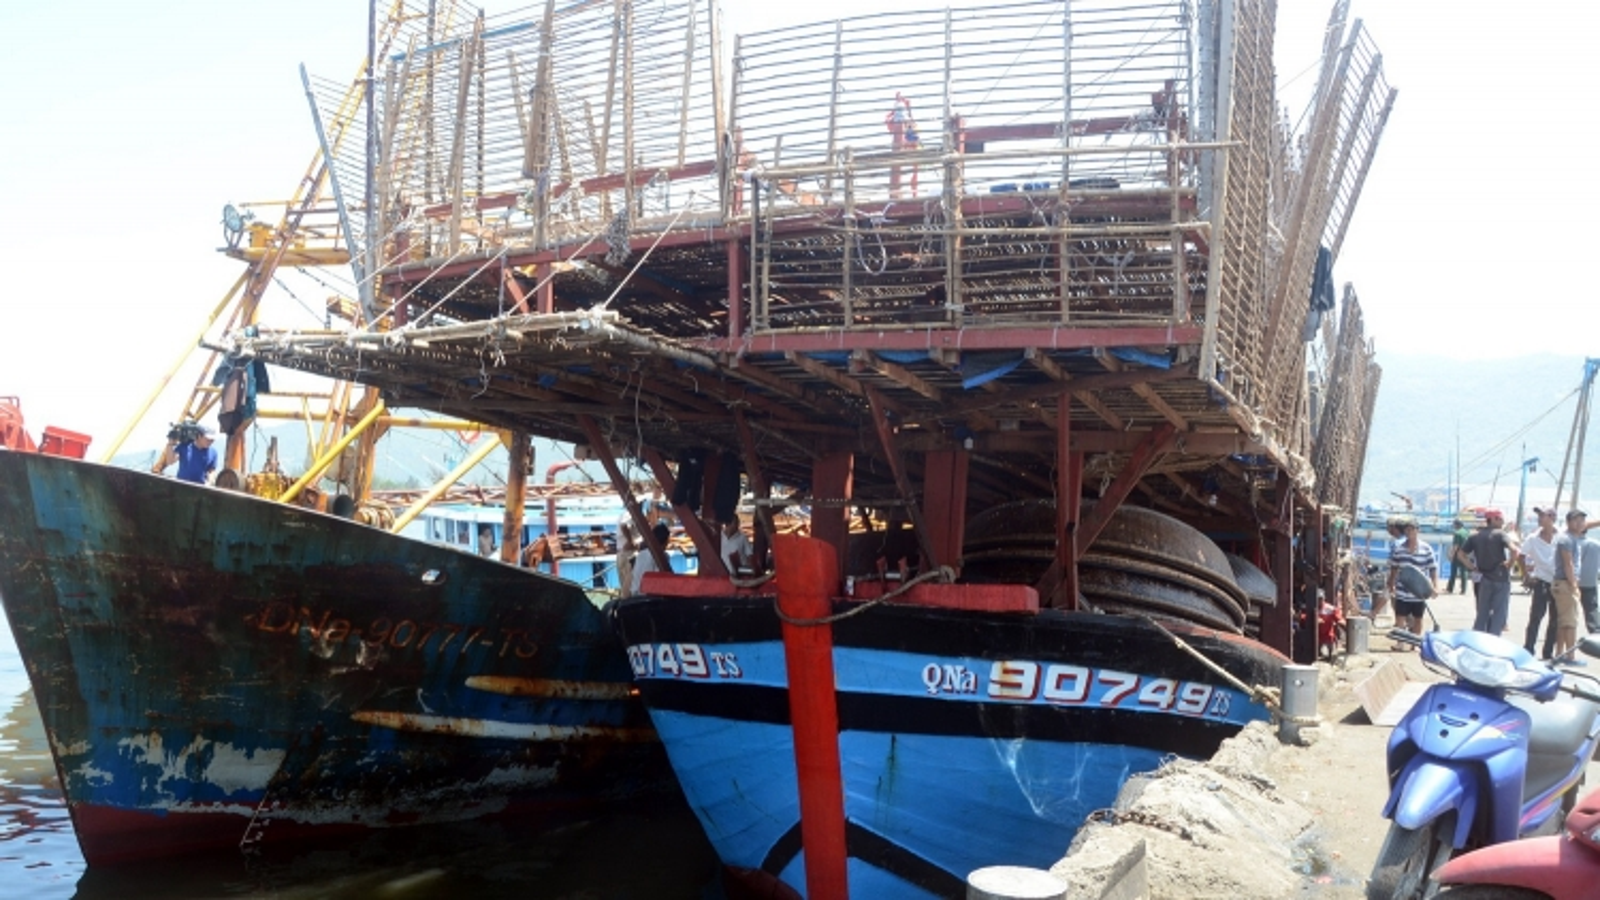 Đang lai dắt tàu cá Quảng Nam với 40 lao động bị hỏng máy trên biển vào bờ